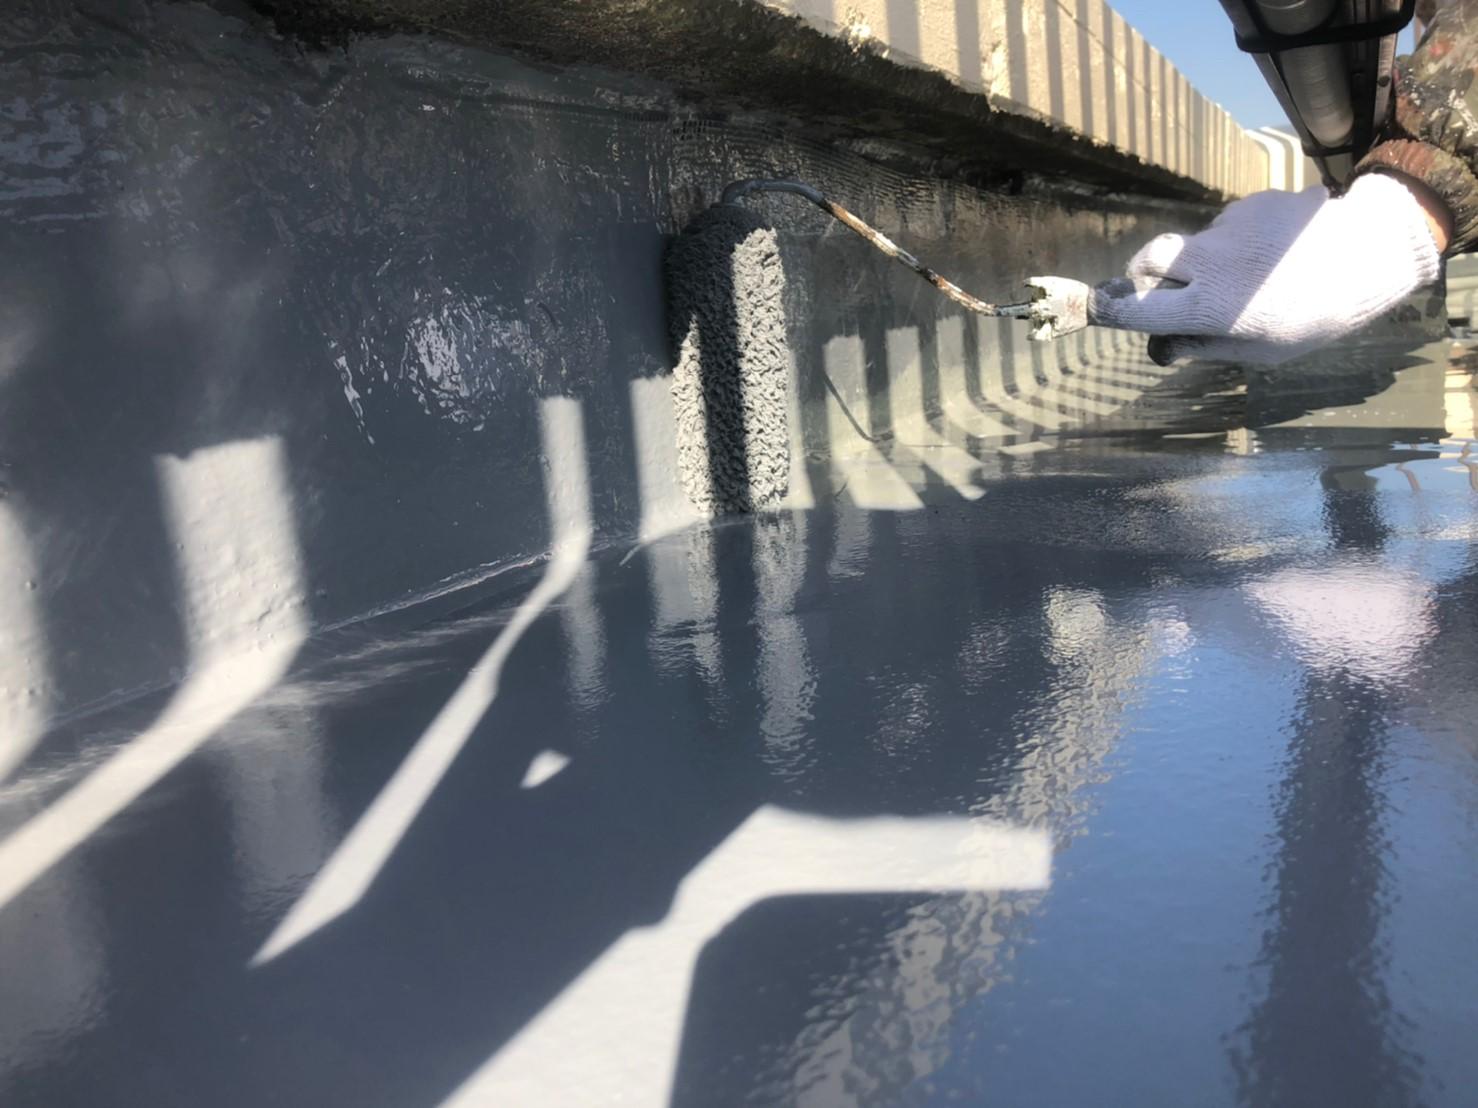 神奈川県 伊勢原市 防水工事 防水塗料塗布の写真